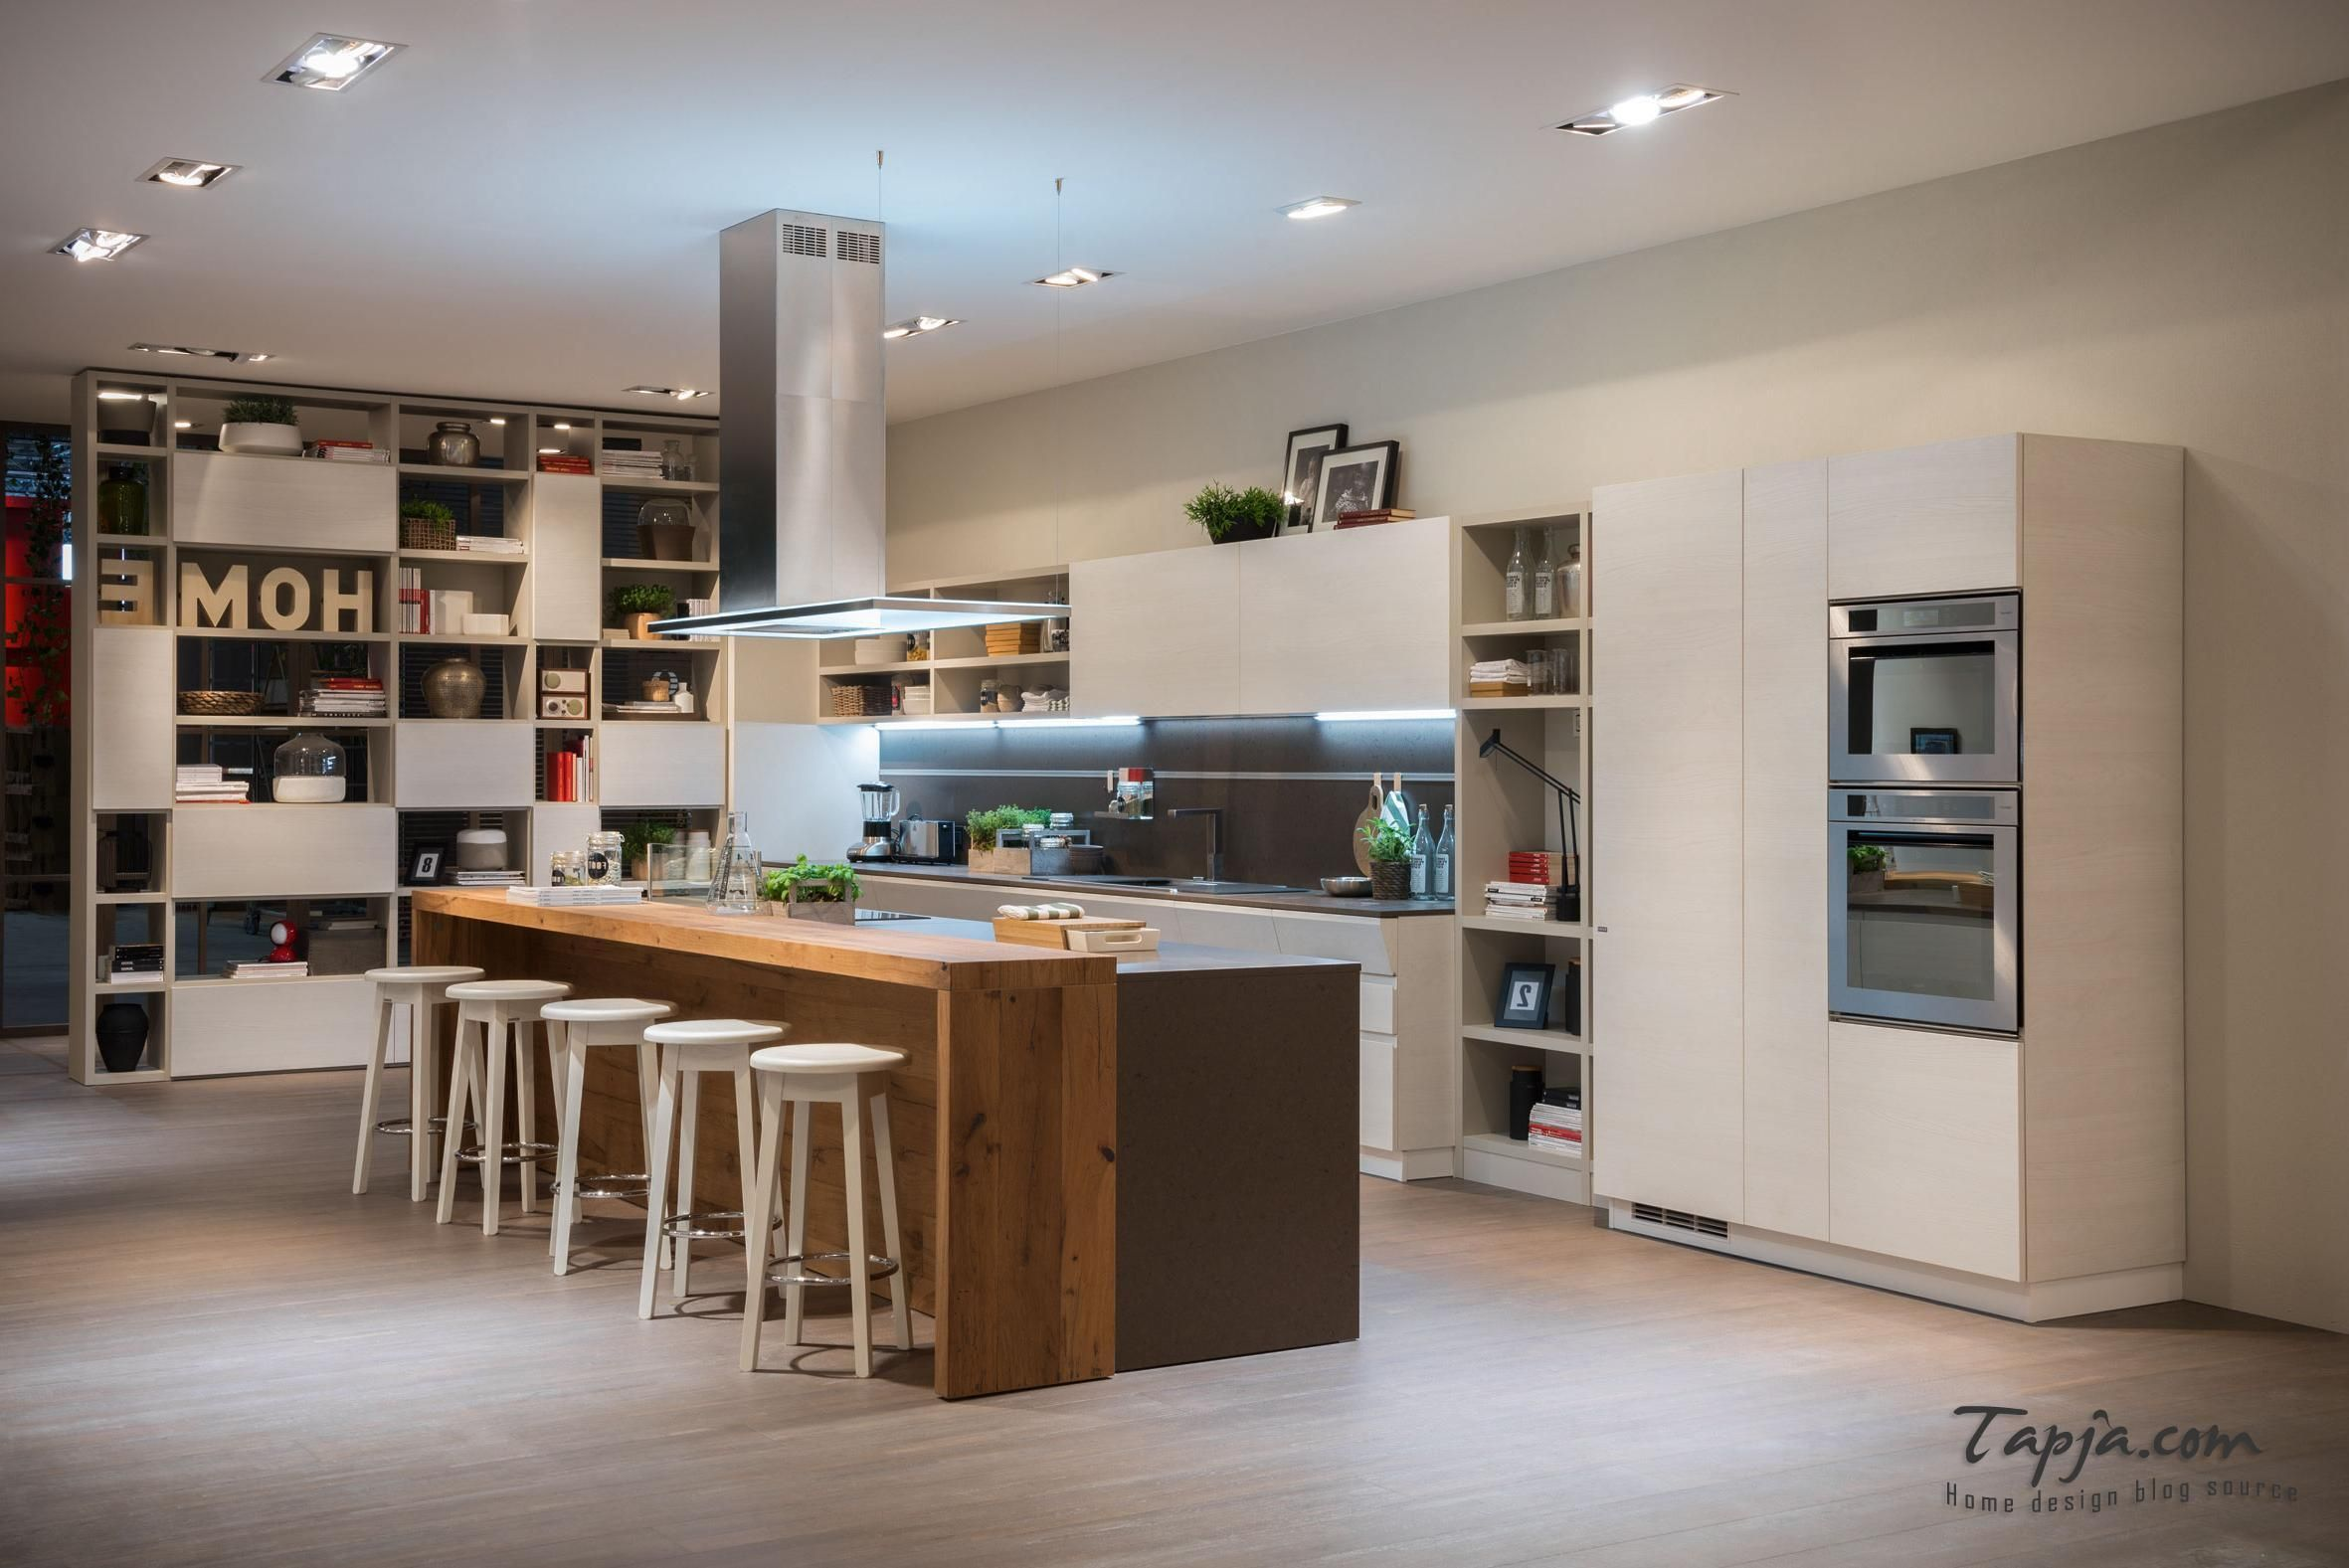 Kitchen Design Idea Fair Trends Gallery Industrial Kitchen Design Ideas Furniture Metal Inspiration